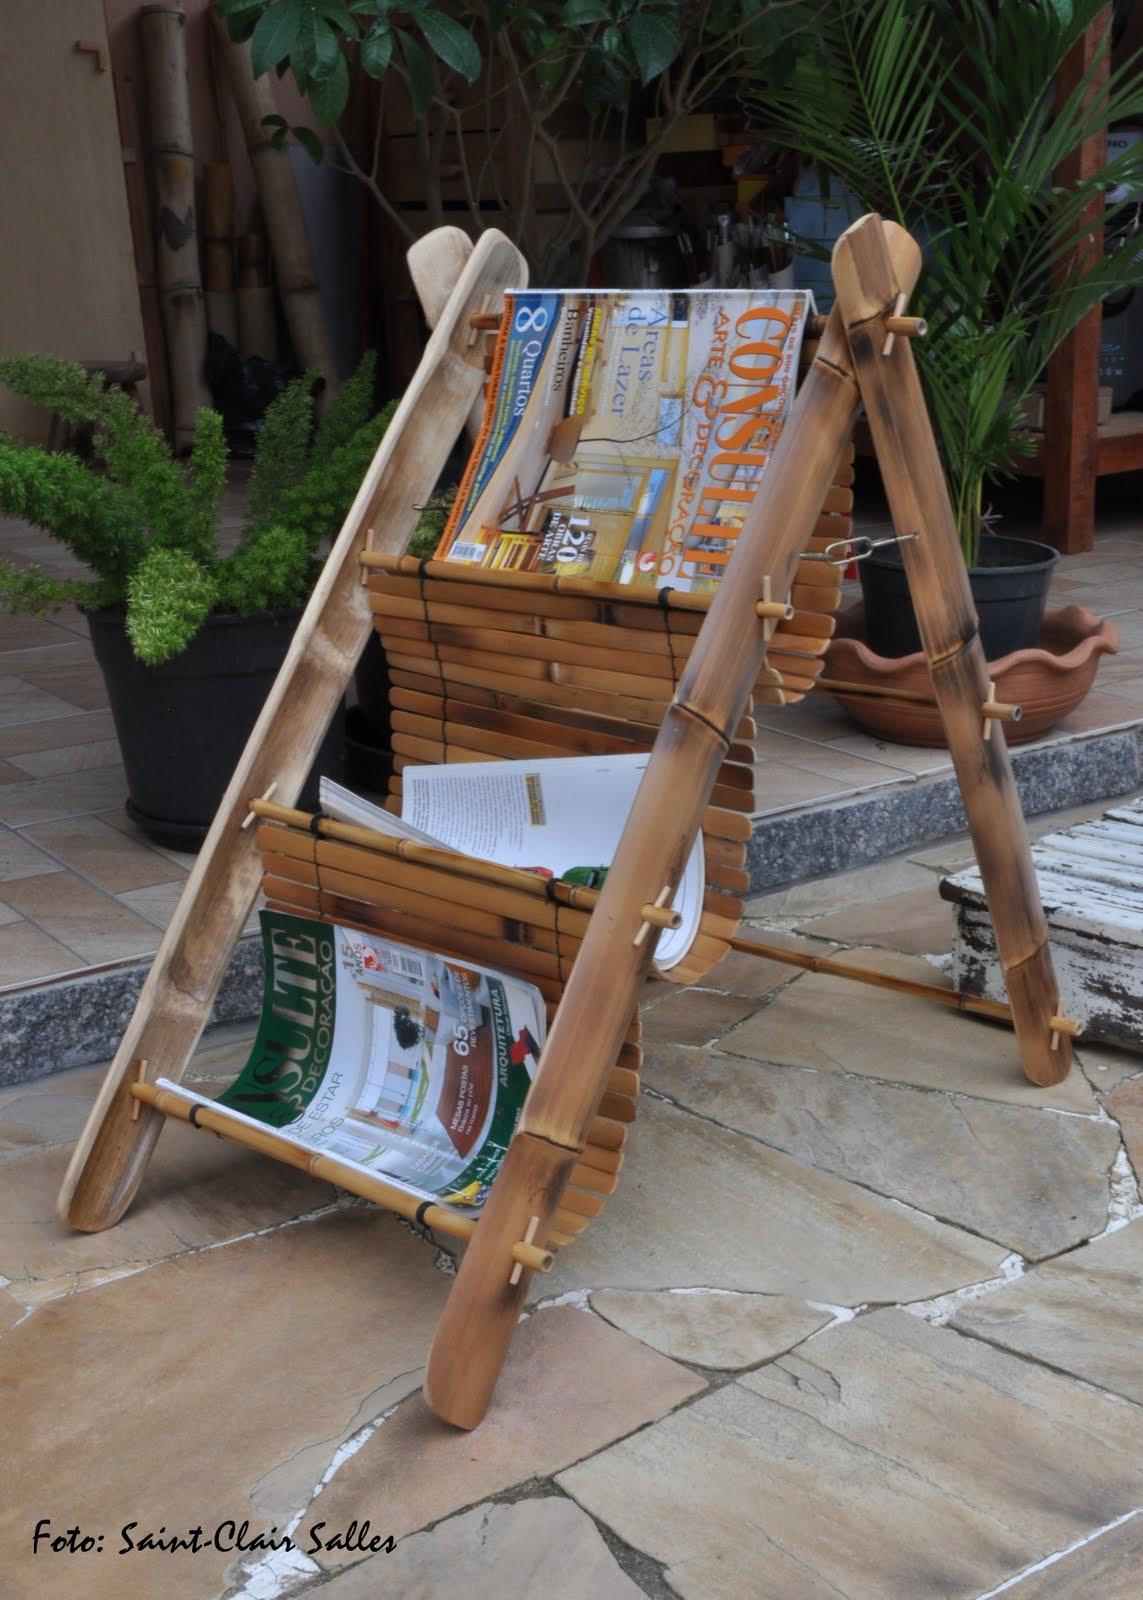 artesanato de bambu para jardim: em madeira e aluminio, propria para ornamentar sua varanda ou jardim